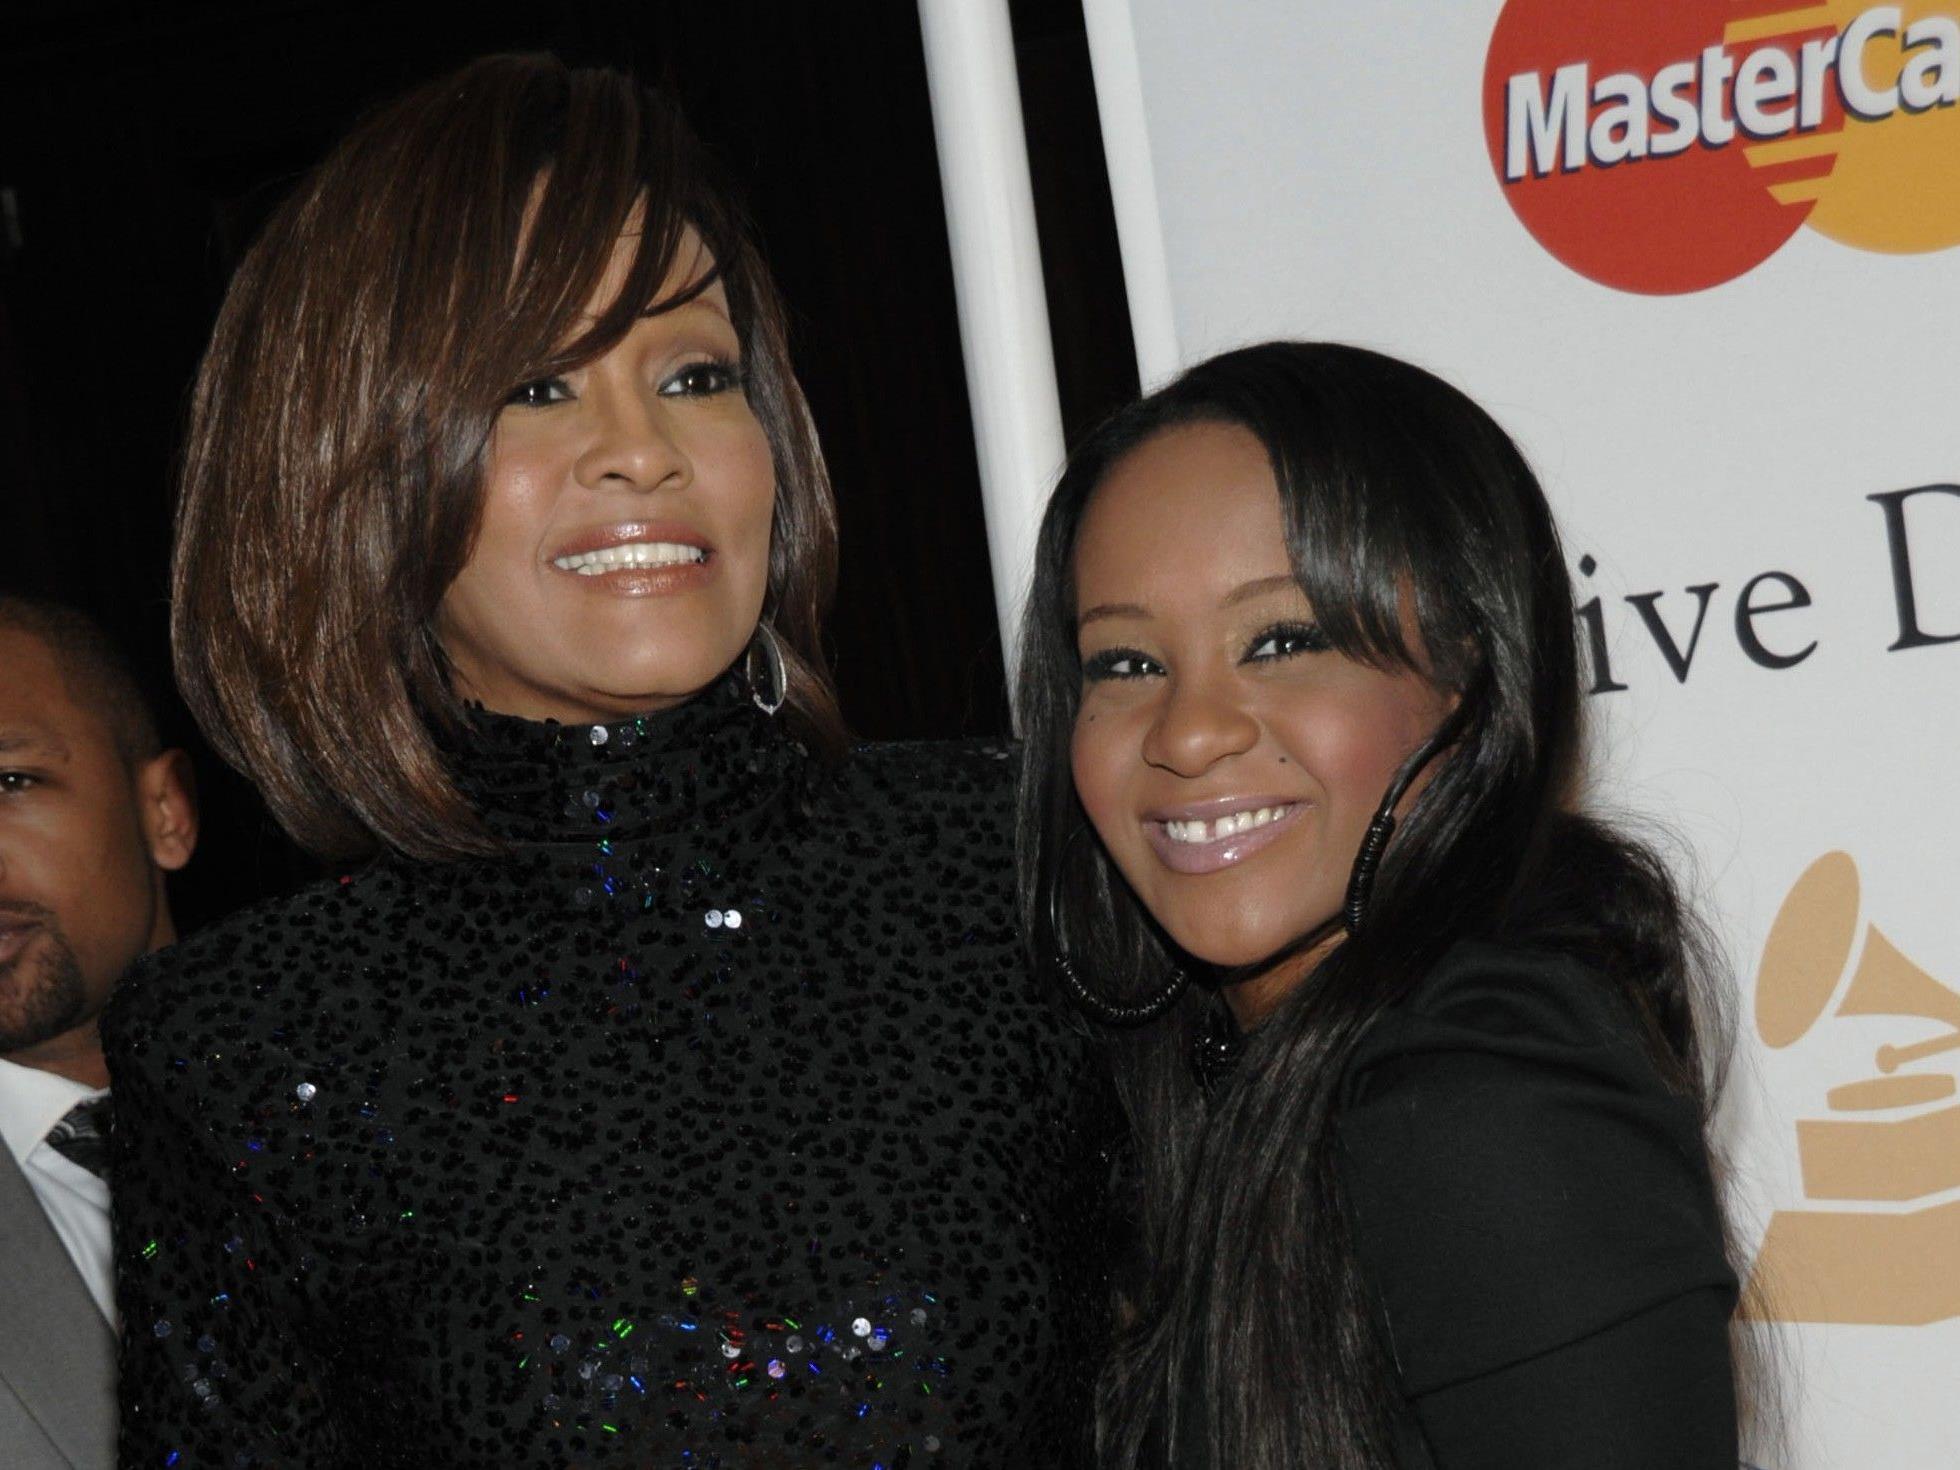 Ein Bild aus vergangenen glücklichen Tagen: Bobbi Kristina mit ihrer Mutter Whitney Houston.